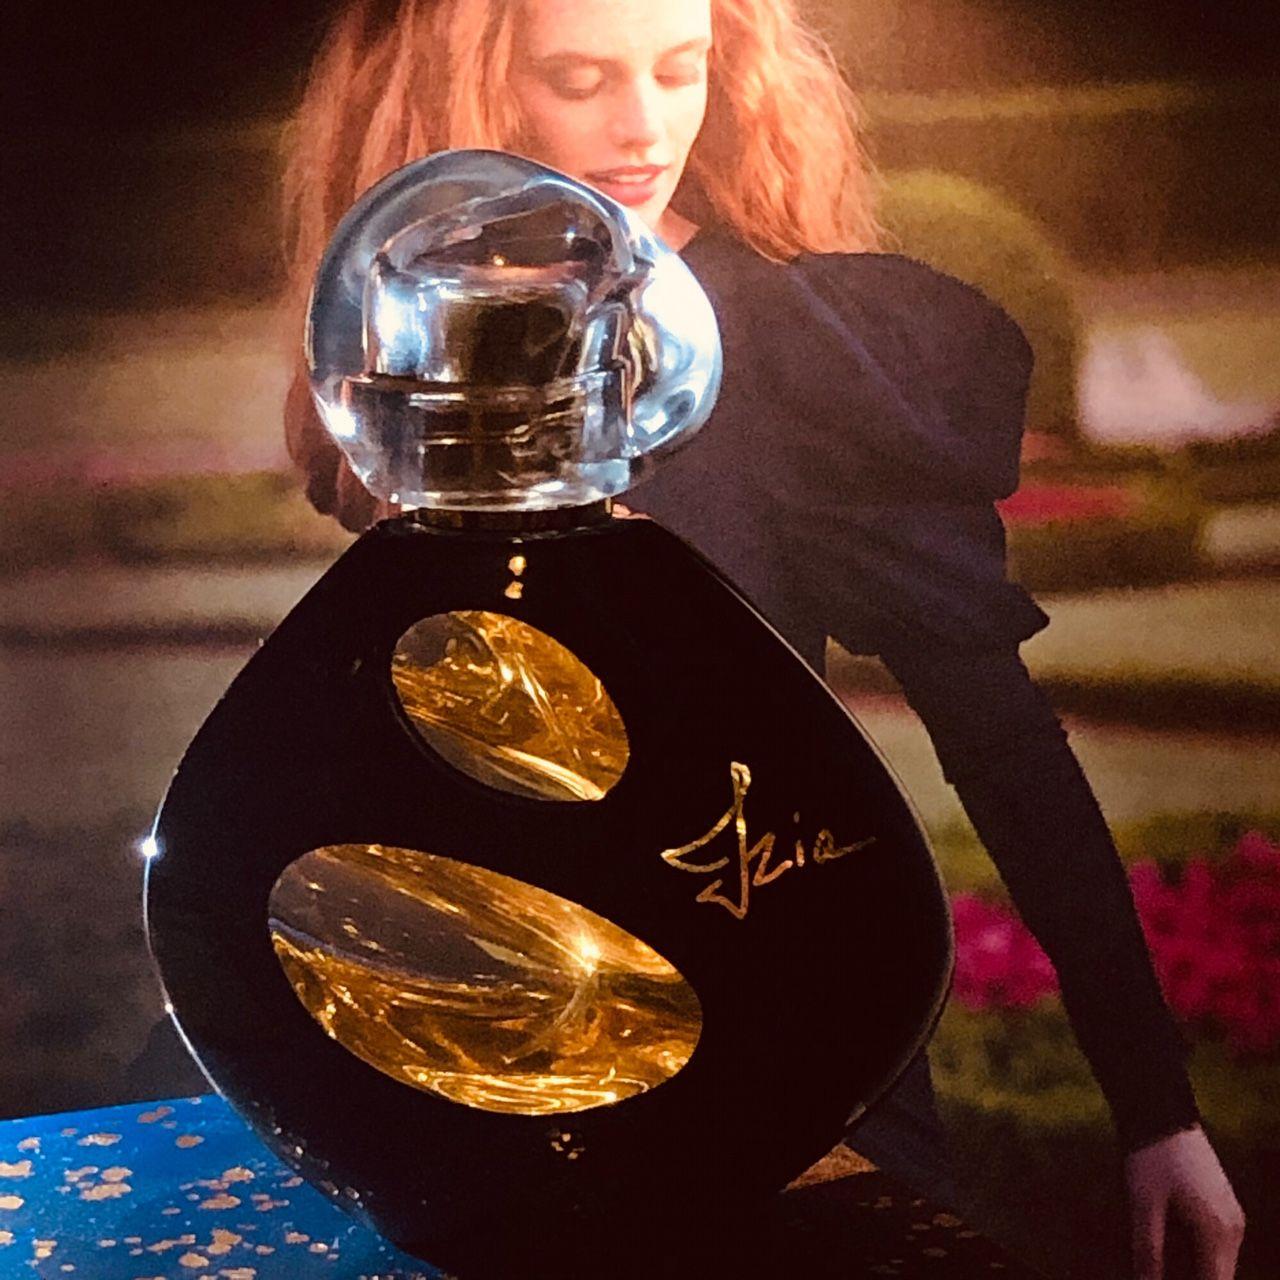 izia, izia la nuit, edp, parfüm, illat, éjszaka, szerelem, rózsa, isabelle d'ornano, rúzs és más, intenzív, fényűző, elegáns